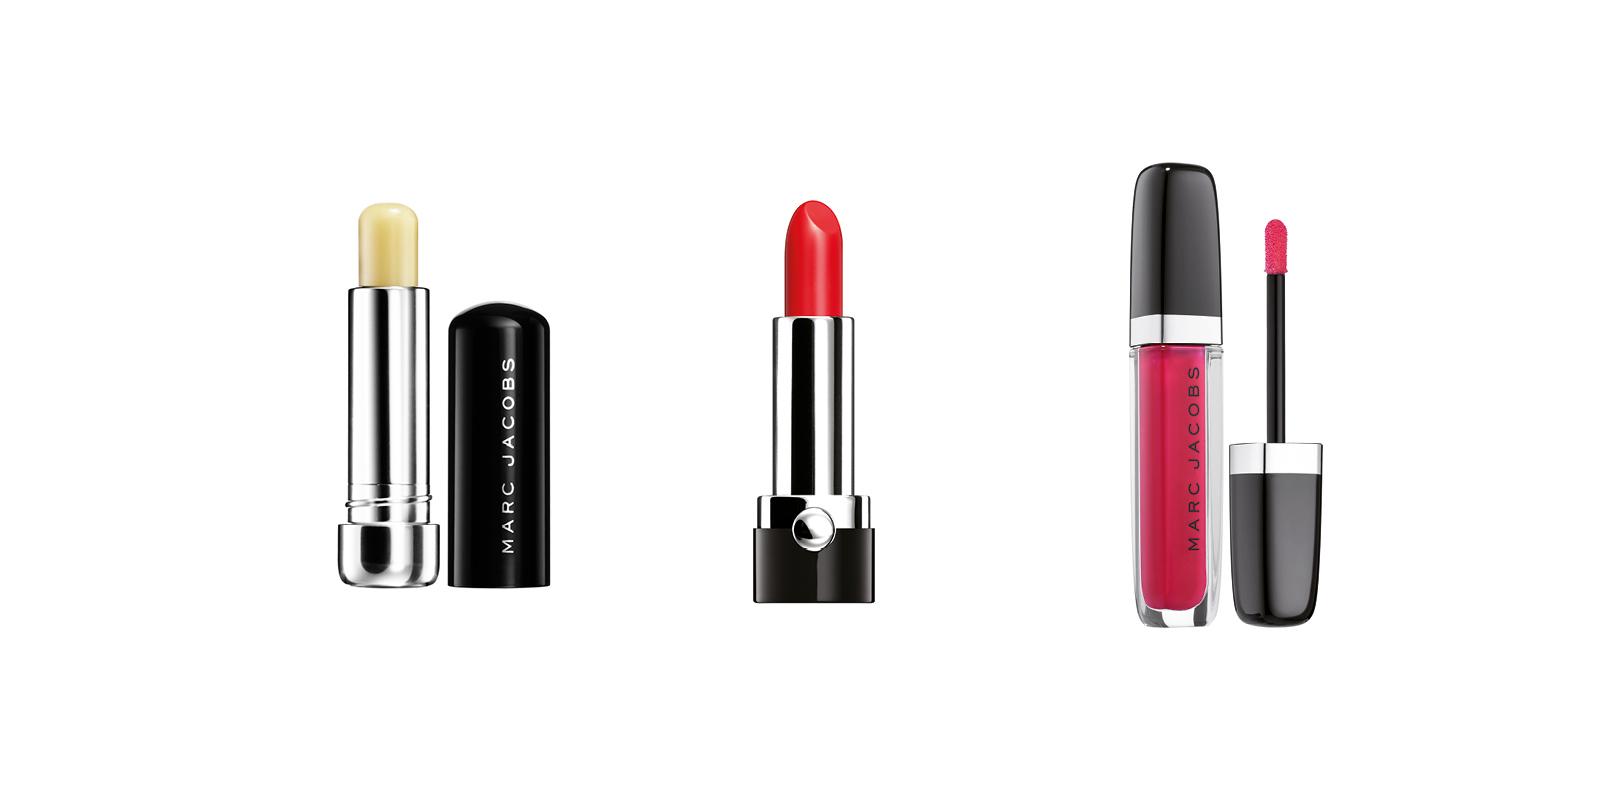 Baume hydratant lip lock - Rouge à lèvres crème Le Marc en dashing 206 - Laque lèvres ultra brillante enamored en teinte 332 hot hot hot